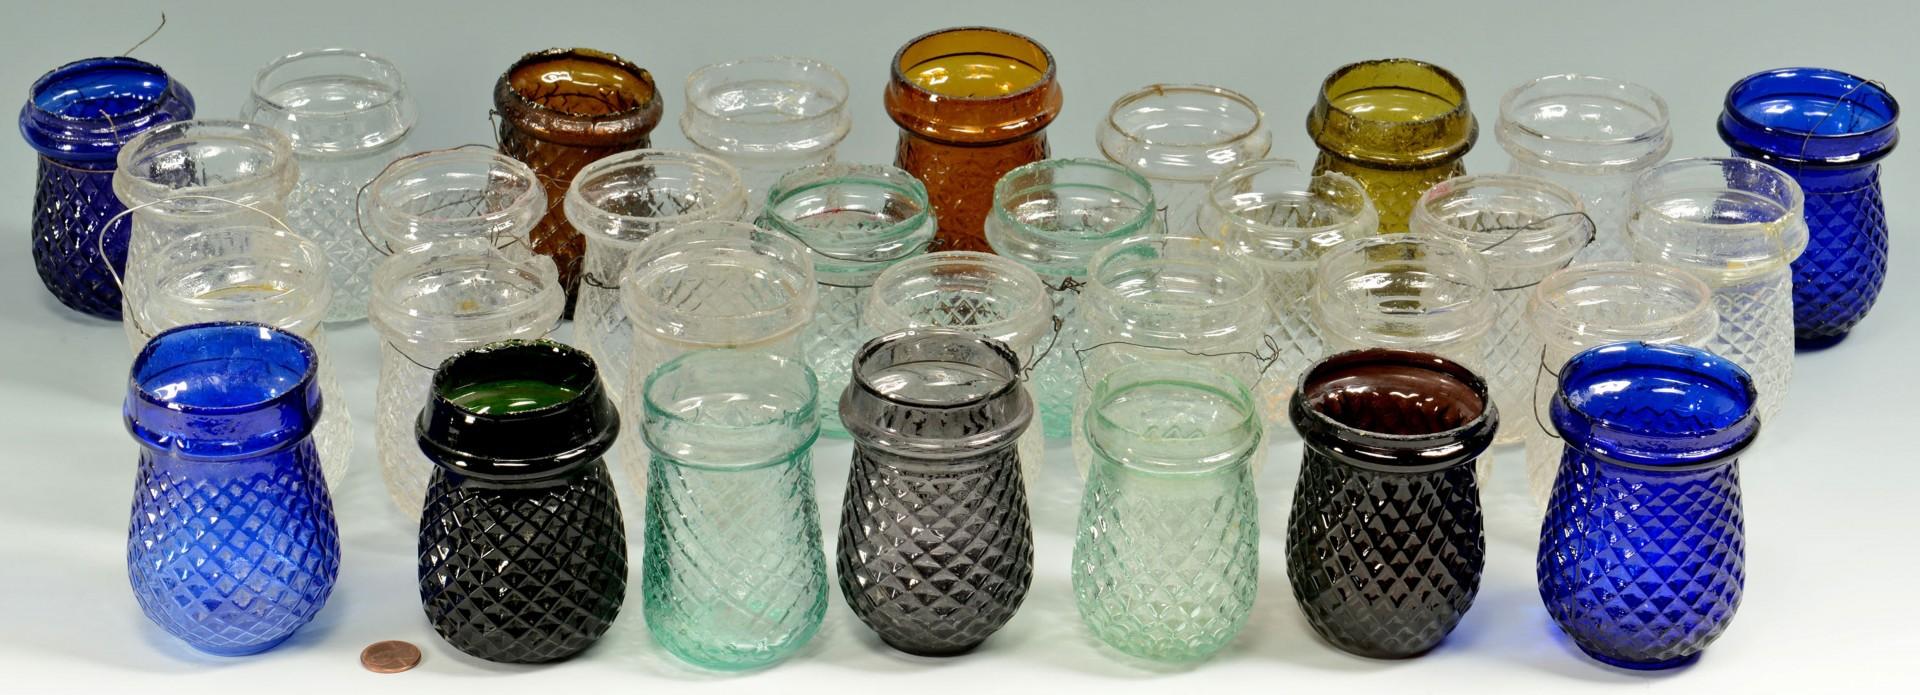 Lot 663: 31 Glass Christmas Globes